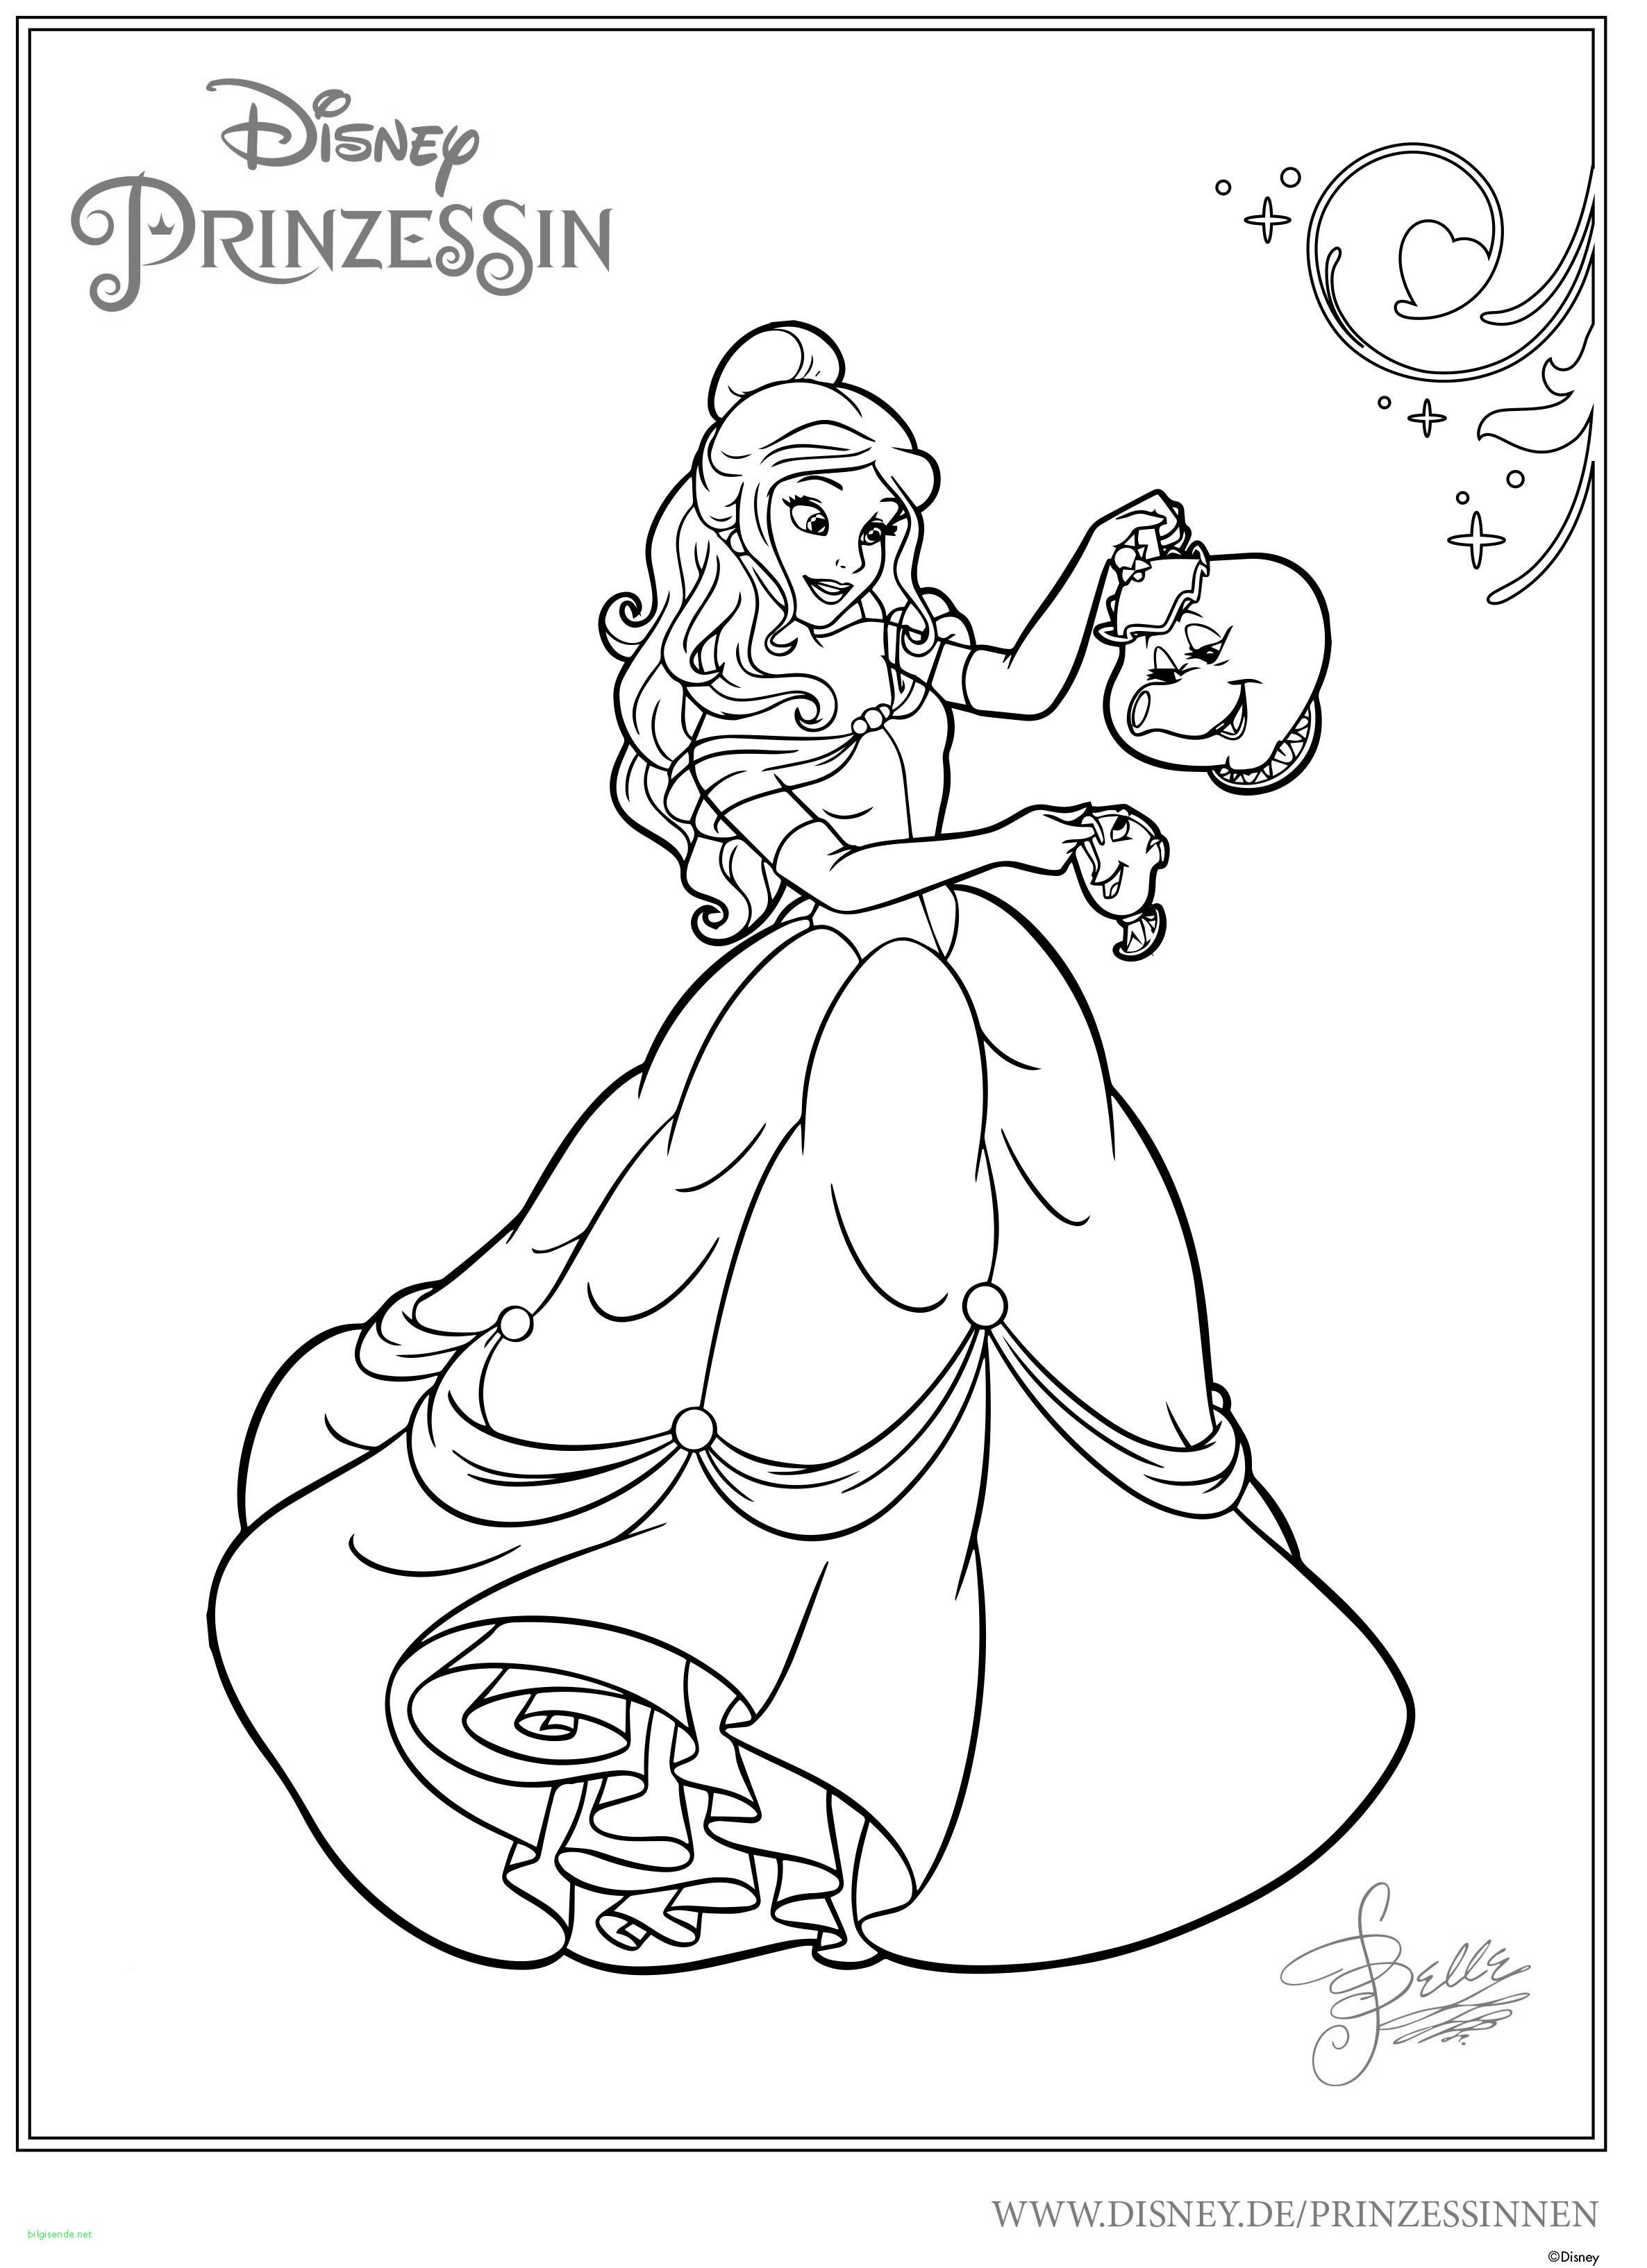 Einhorn Kopf Zum Ausmalen Einzigartig Ausmalbilder Zum Ausdrucken Disney Prinzessin Luxus Awesome Neu Fotos